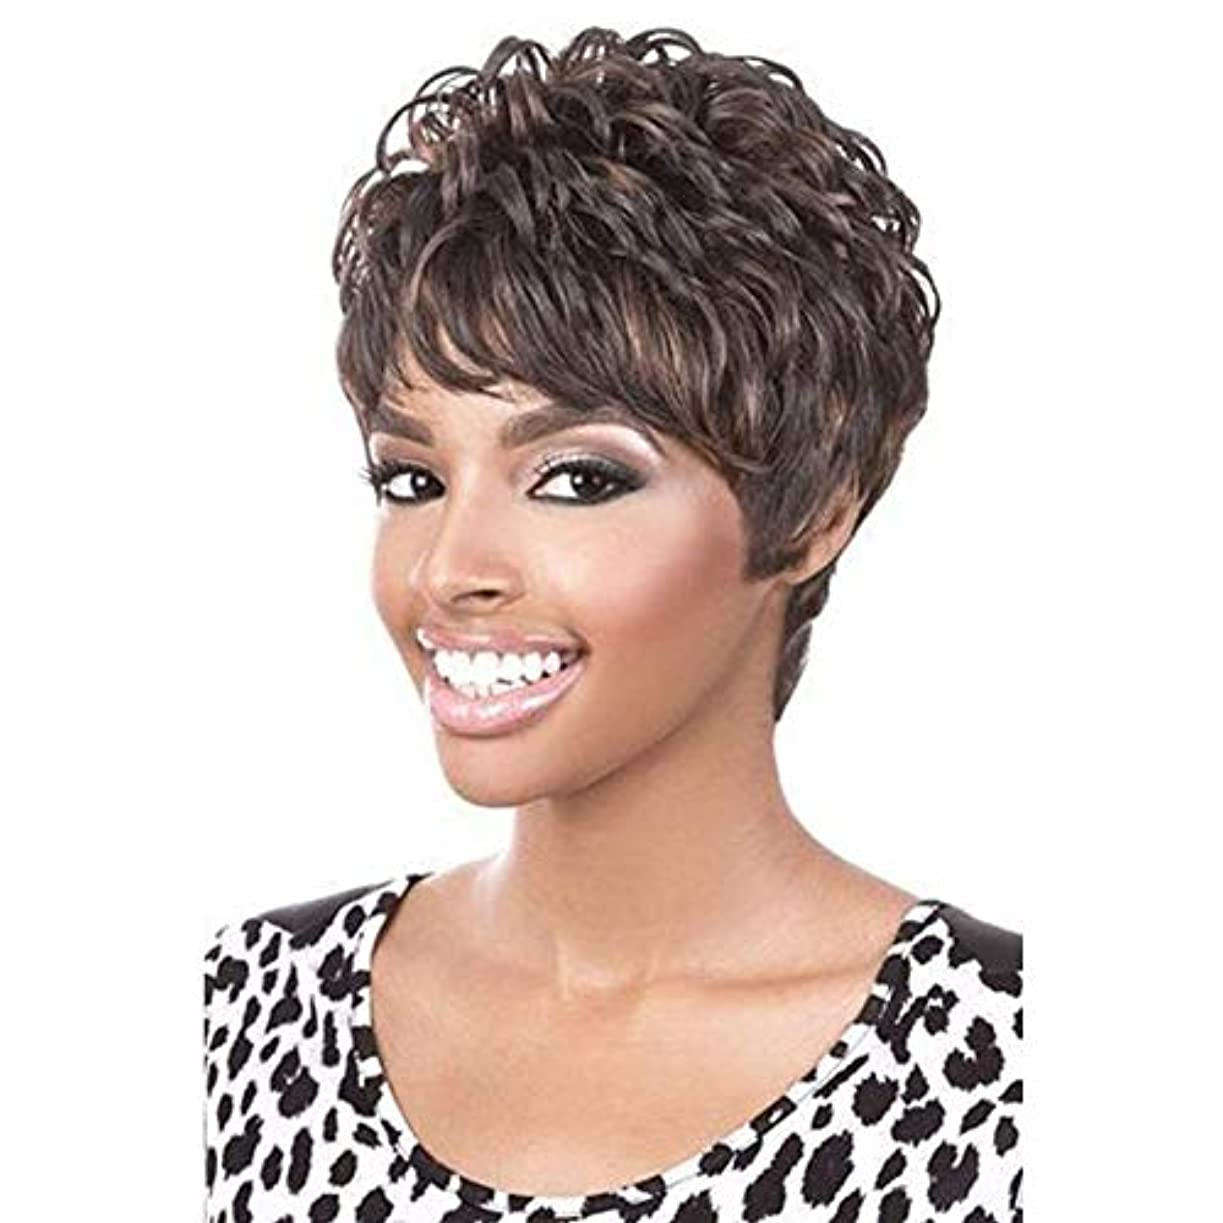 チャップ電化する海岸YOUQIU 前髪+無料ウィッグキャップのかつらを持つ女性人工毛のためにショートブラウンウィッグコスプレウィッグ (色 : ブラウン)